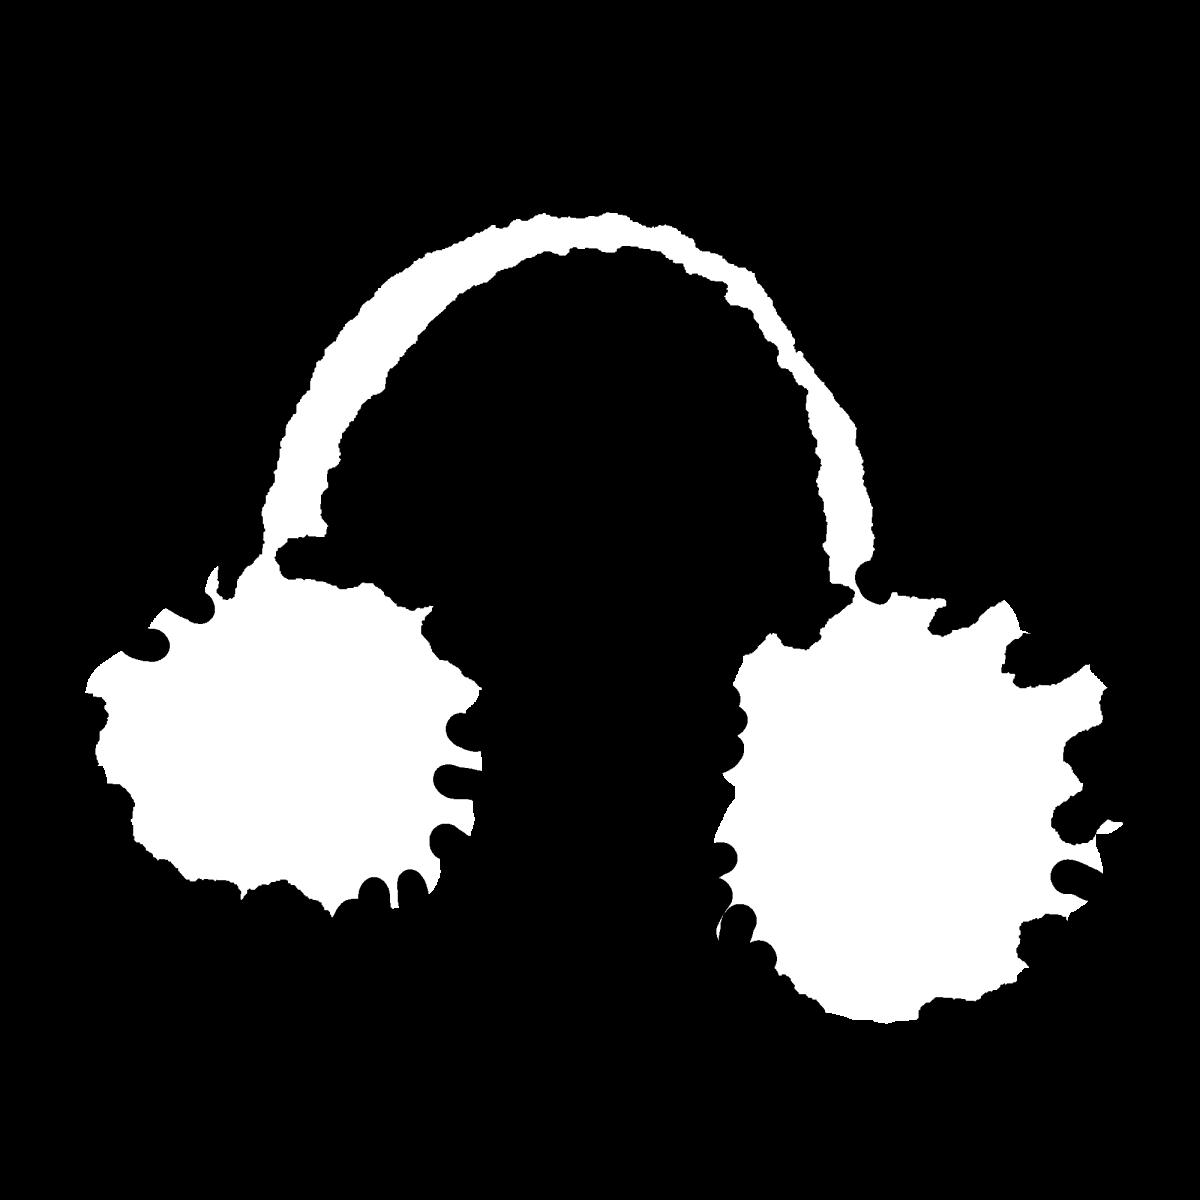 耳当てのイラスト earmuffs  Illustration